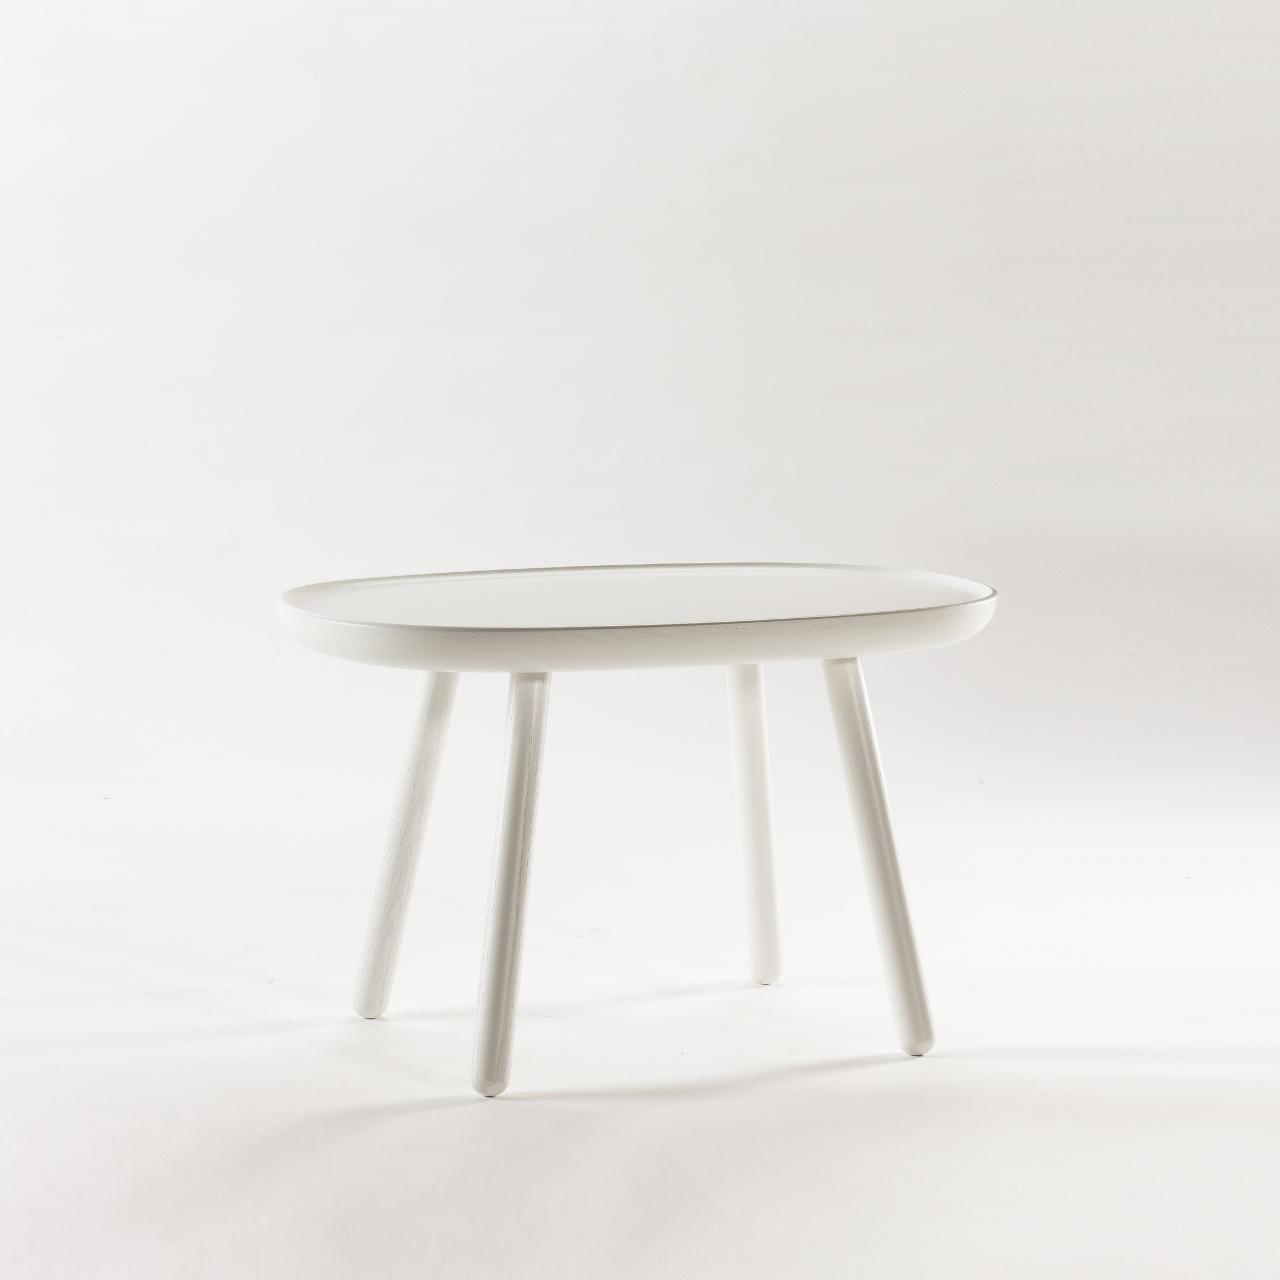 Beistelltisch Oval Aus Holz Weiss Emko